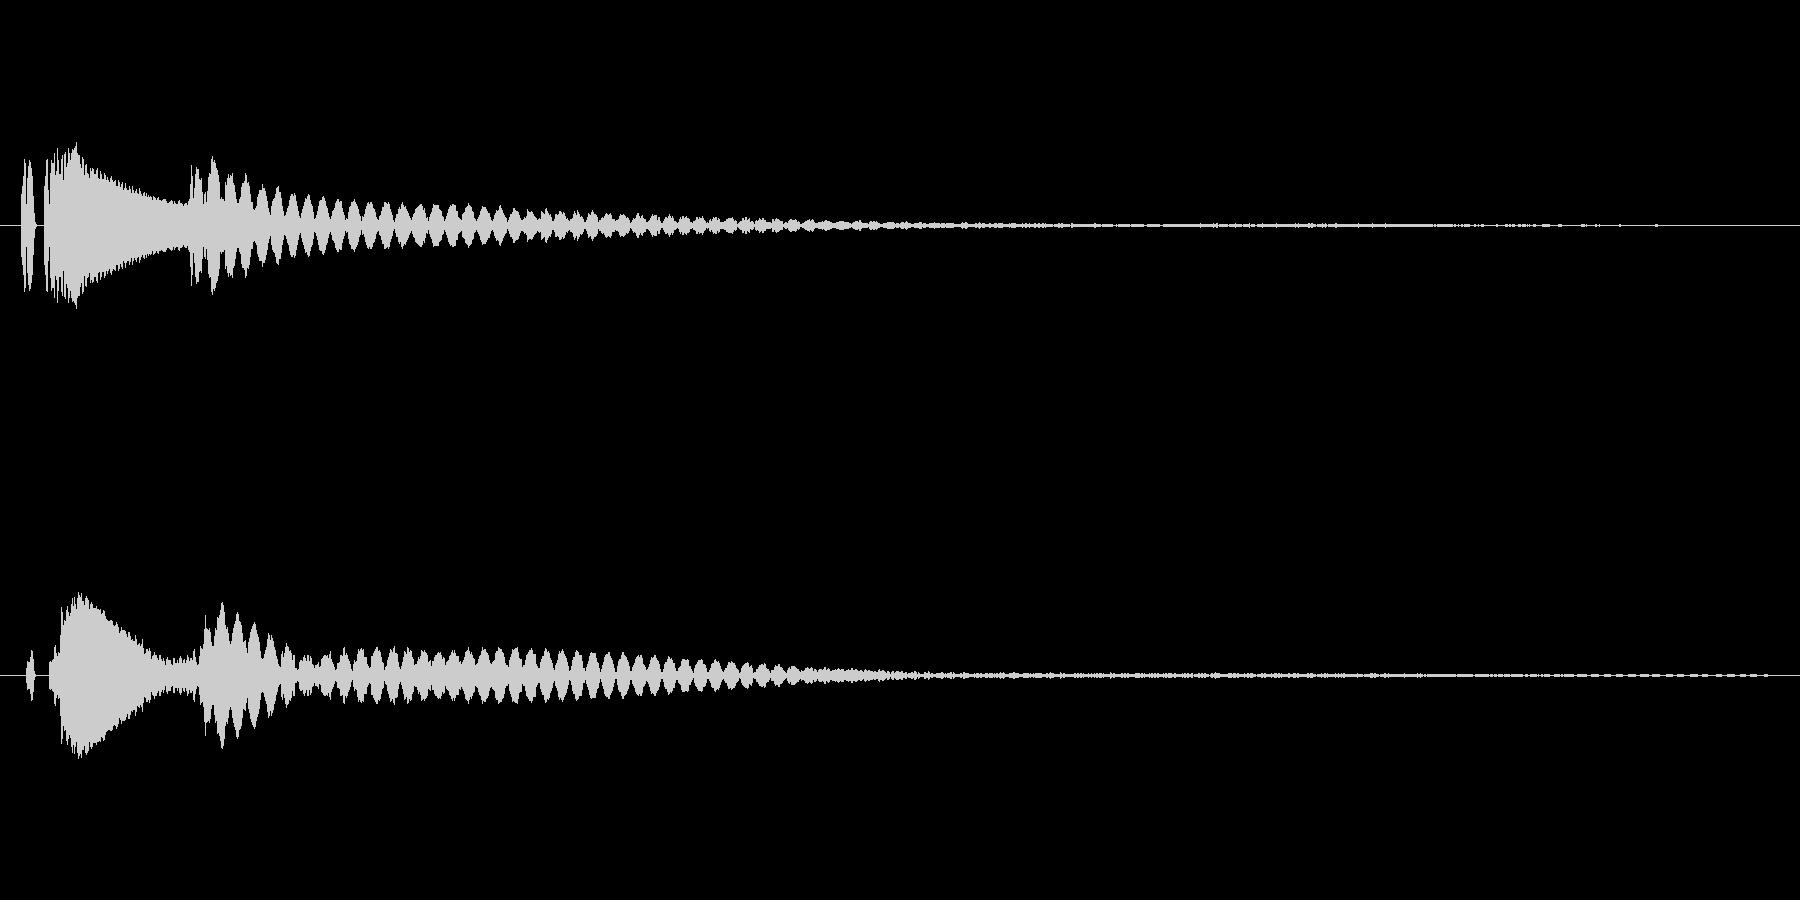 キャラーン ホラー系のキャンセル音の未再生の波形